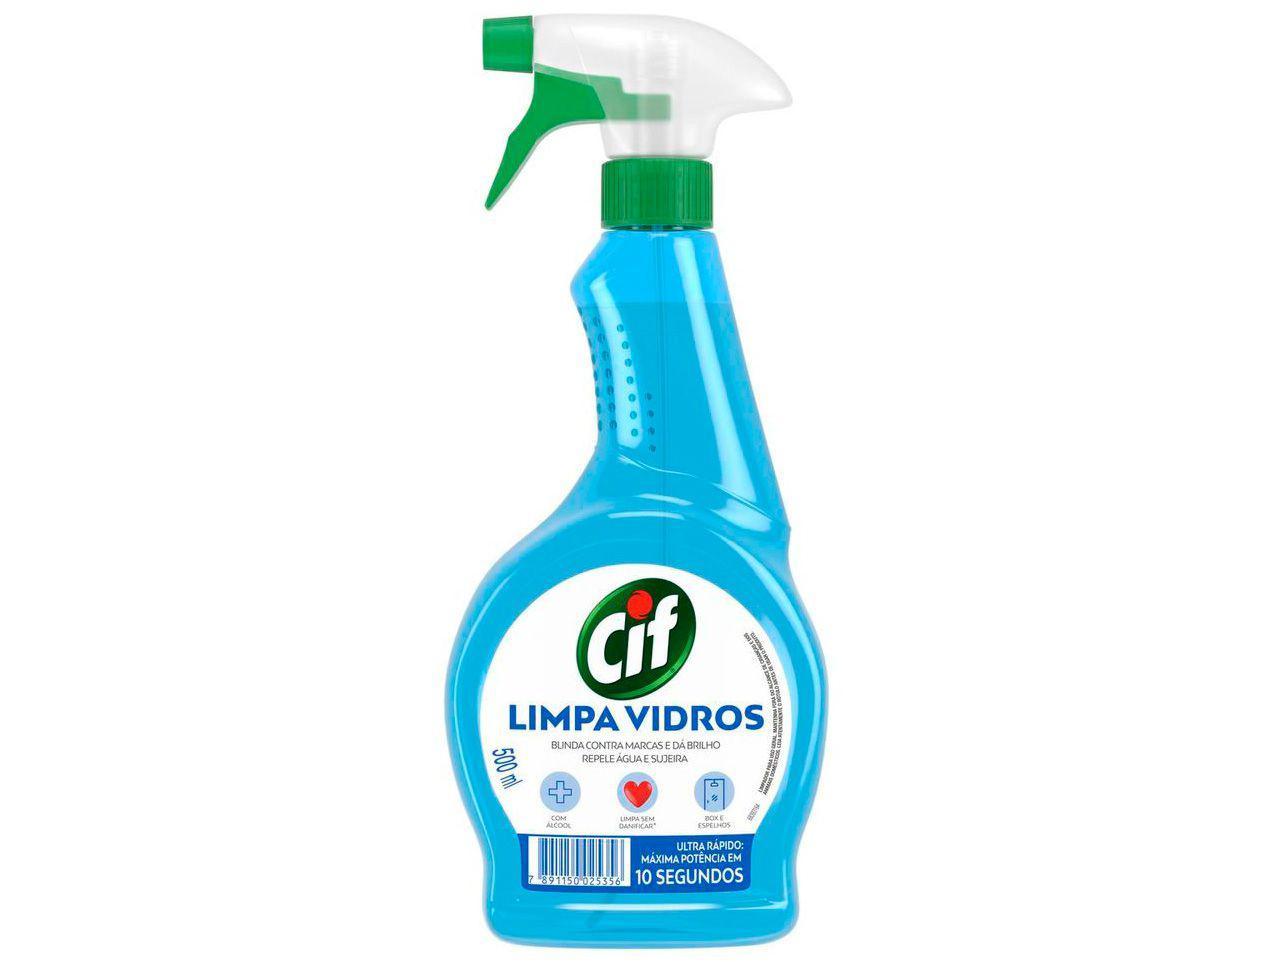 Limpa Vidro Cif Ultra Rápido 500ml